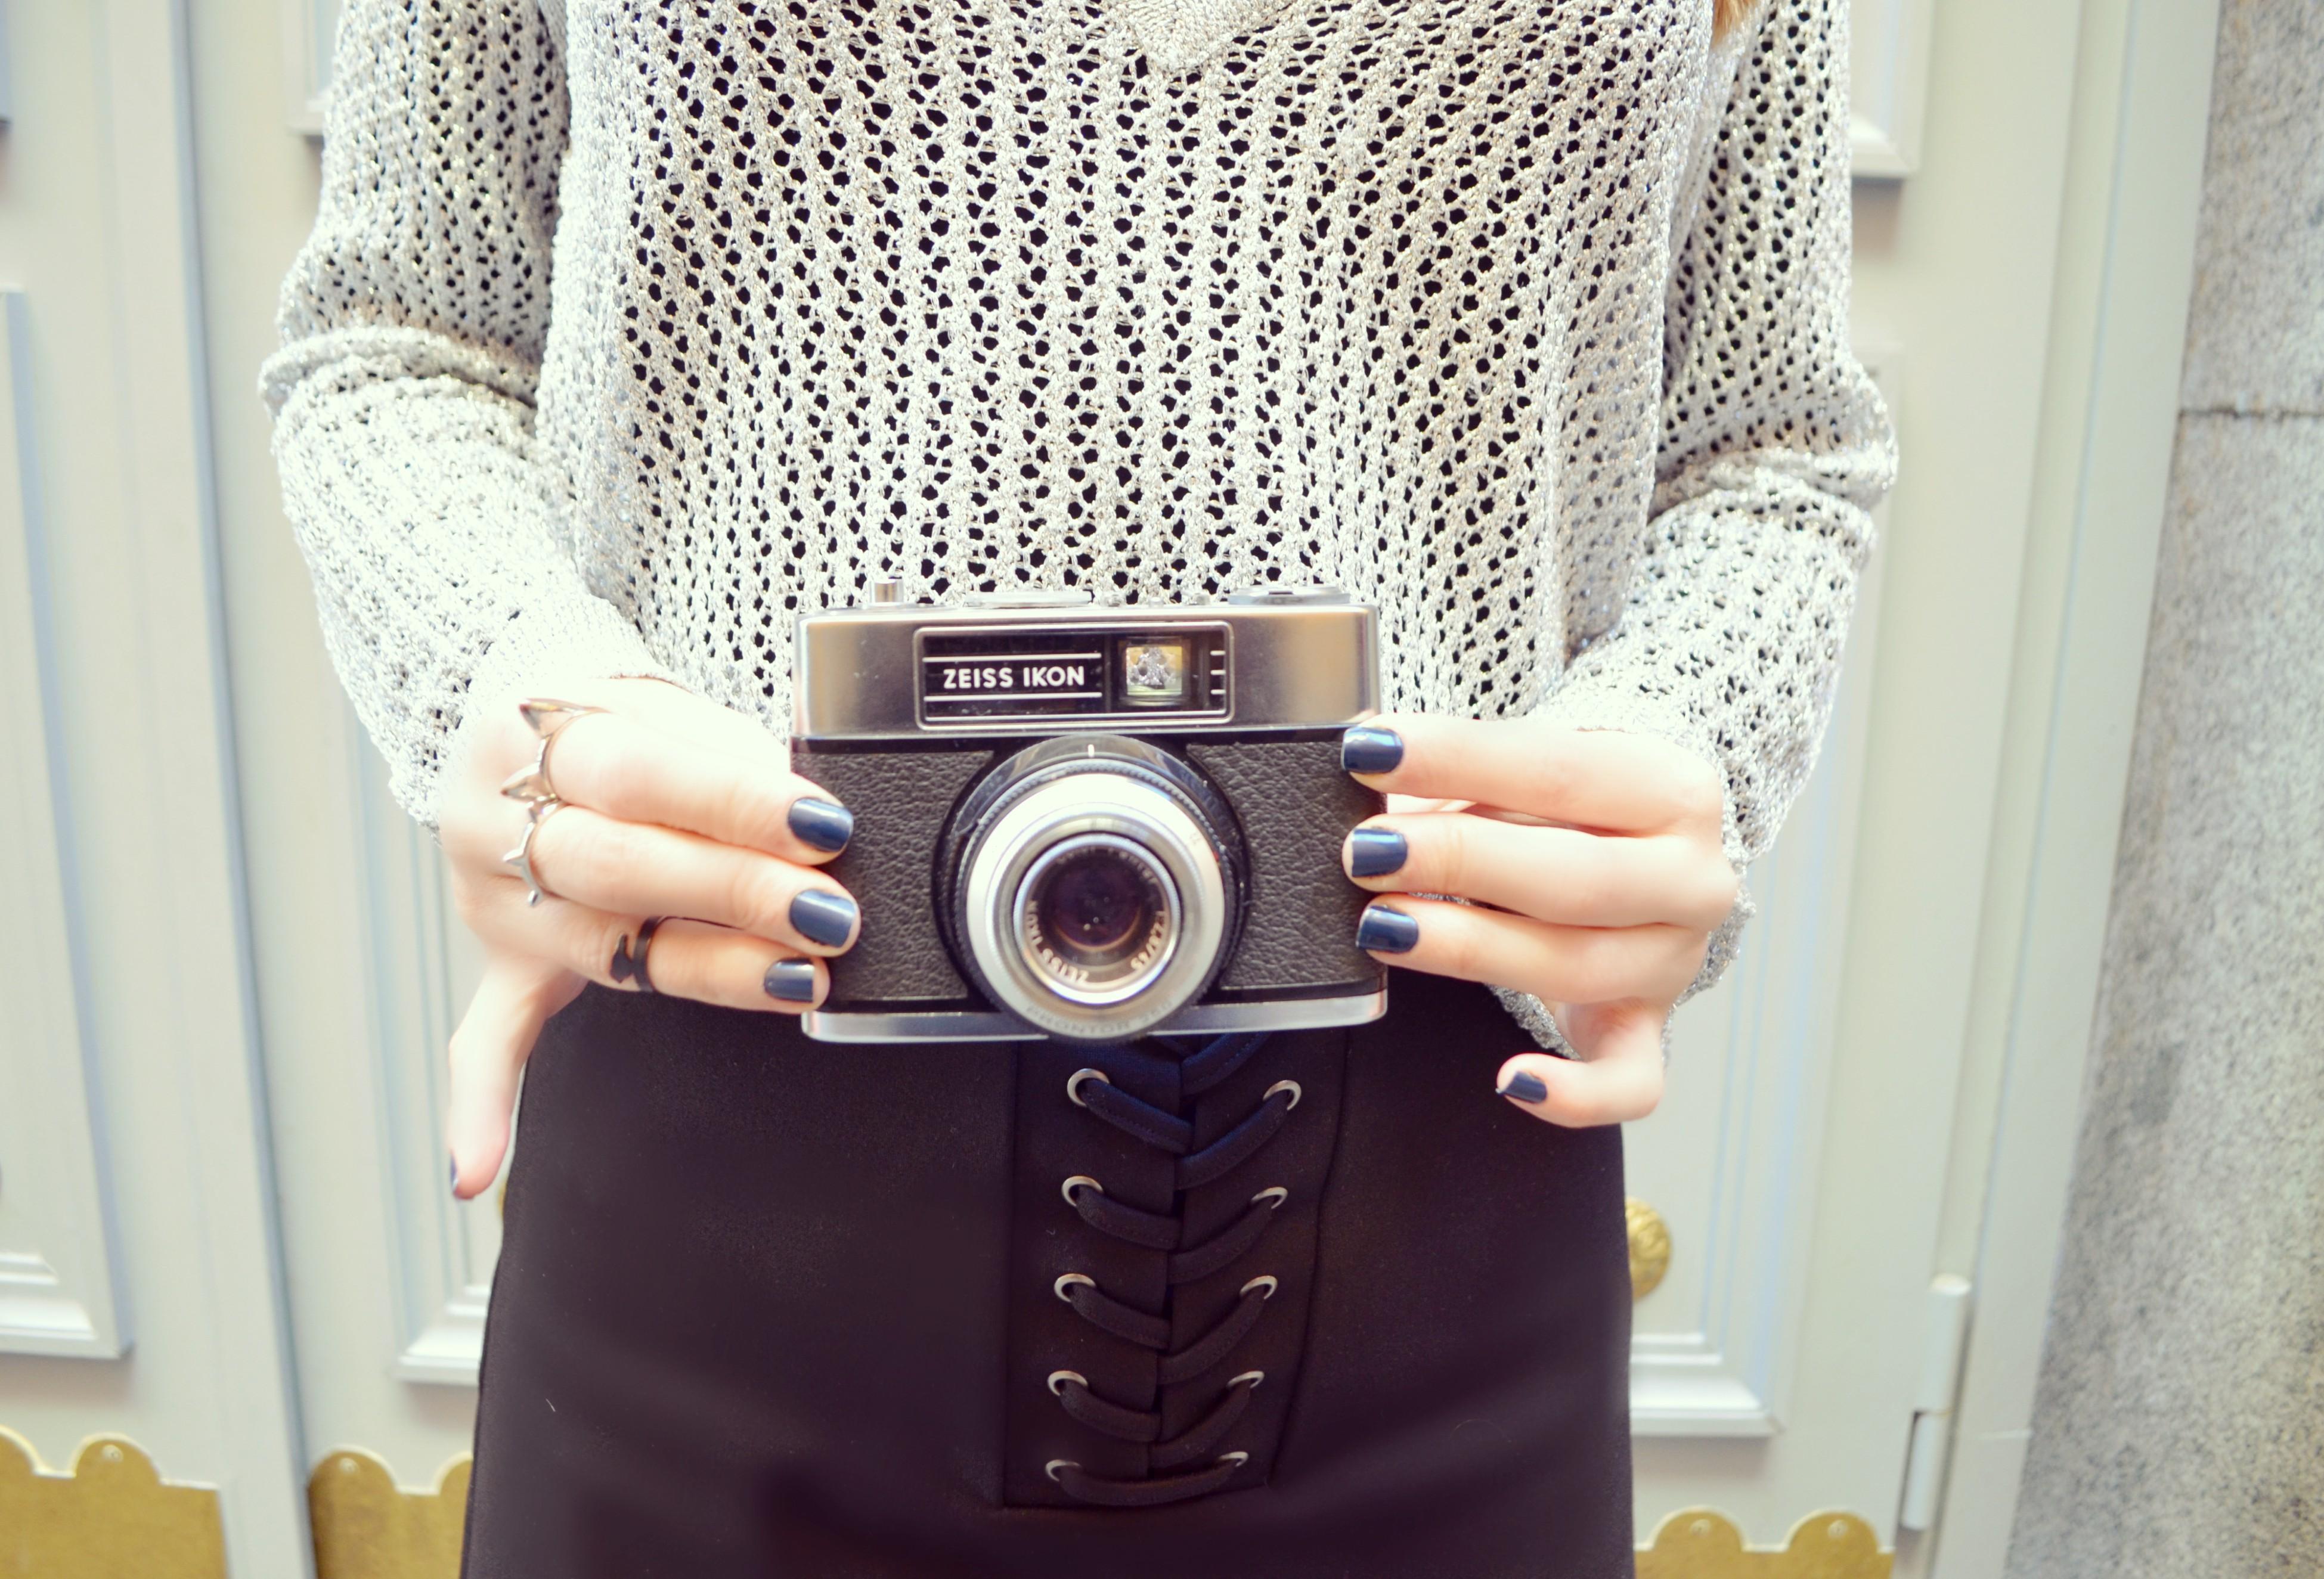 Camaras-vintage-blog-de-moda-ChicAdicta-retro-camera-Chic-Adicta-Amichi-look-silver-sweater-black-skirt-PiensaenChic-Piensa-en-Chic